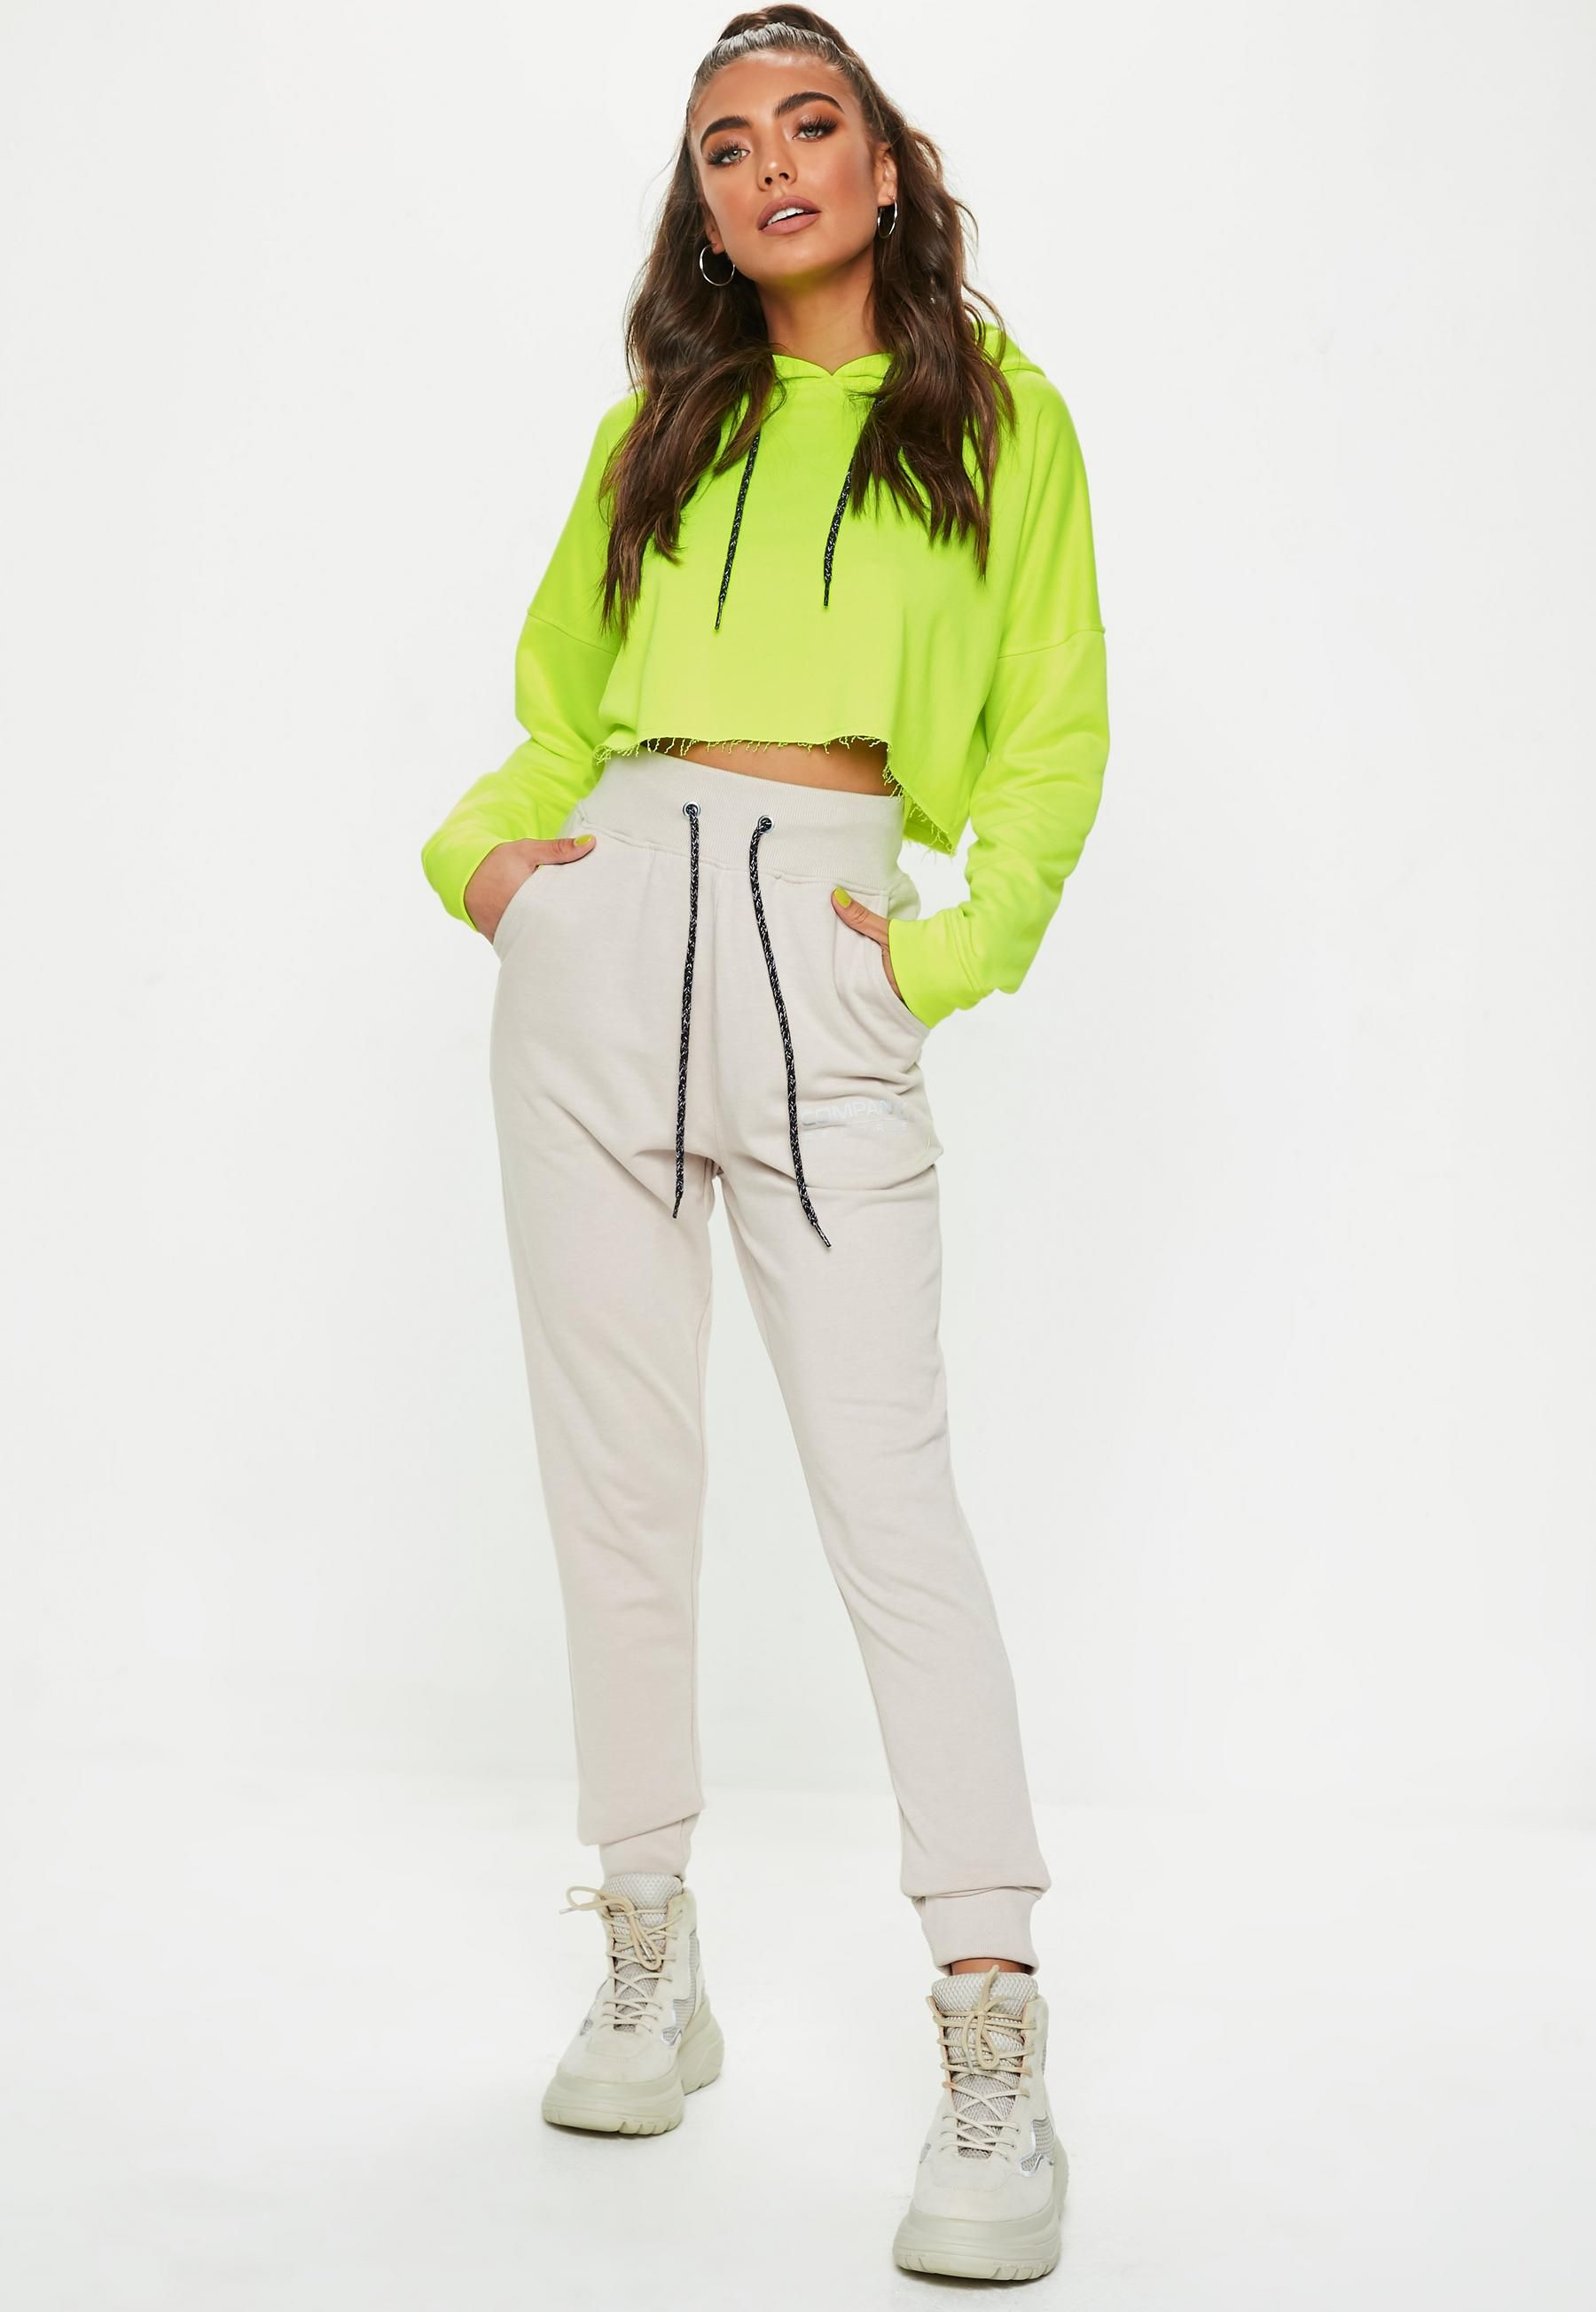 745f6fab2da Neon Yellow Crop Hooded Sweatshirt